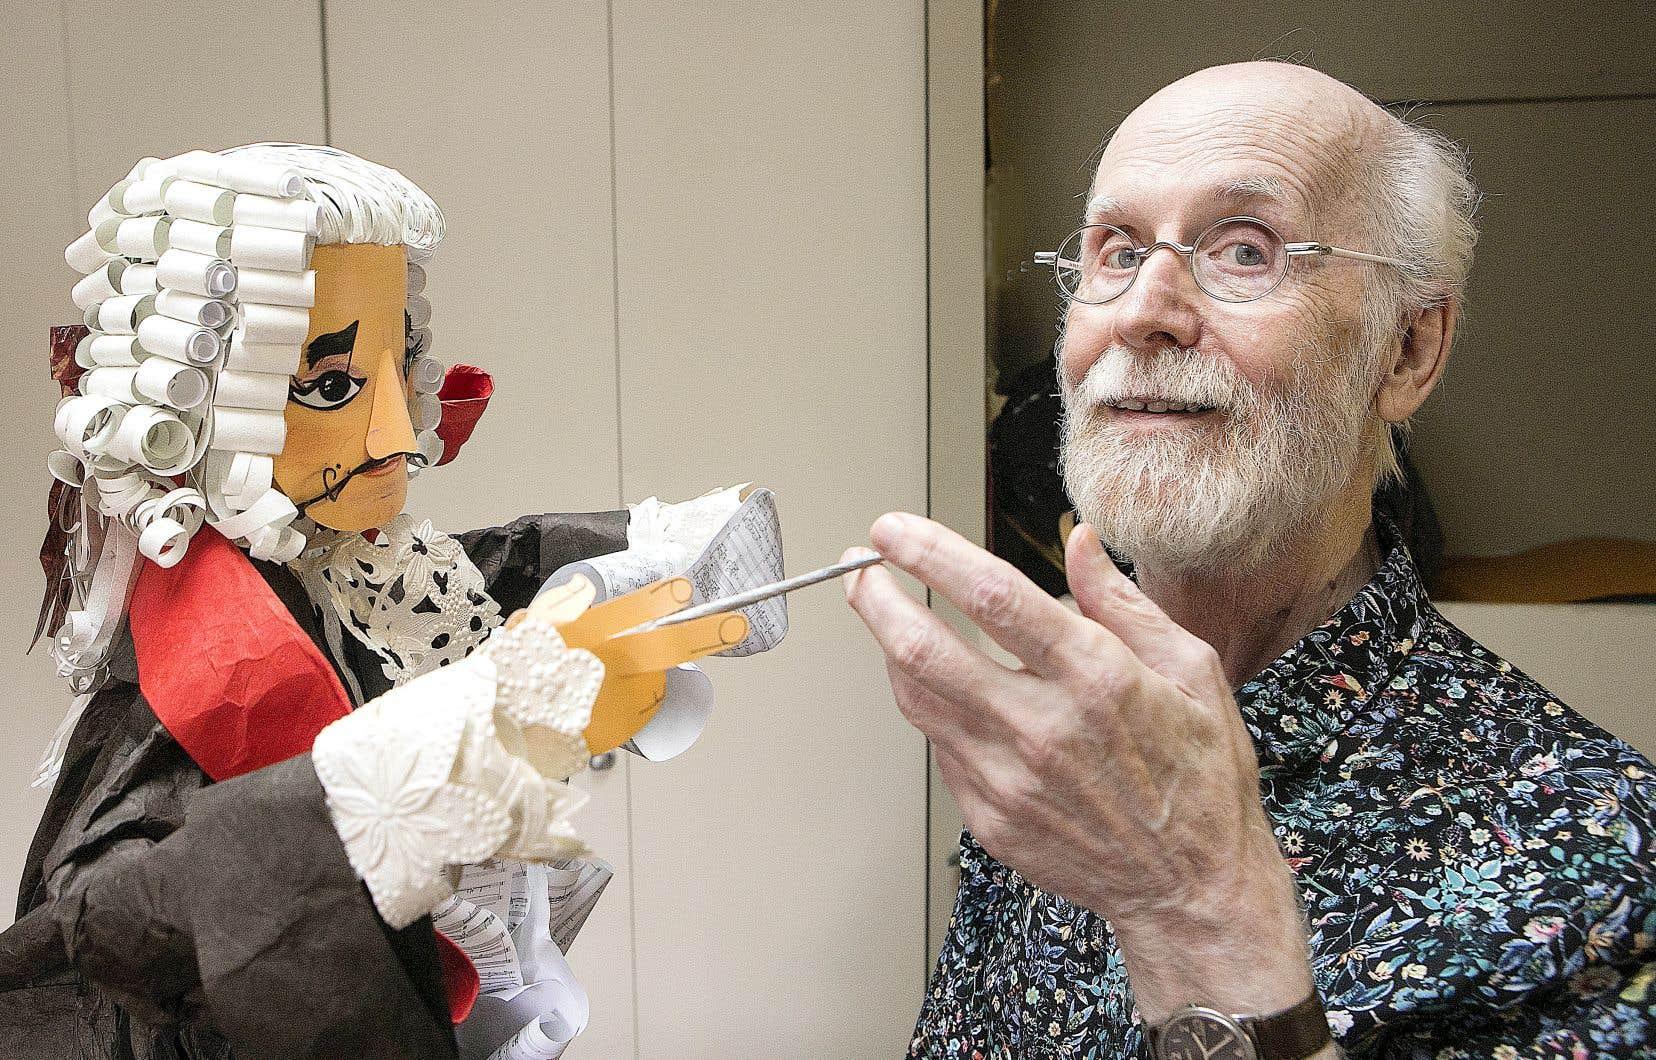 L'artiste Claude Lafortune montrant un de ses personnages de papier, en mai 2019, peu avant de se voir décerner par l'UQAM un doctorat honorifique.